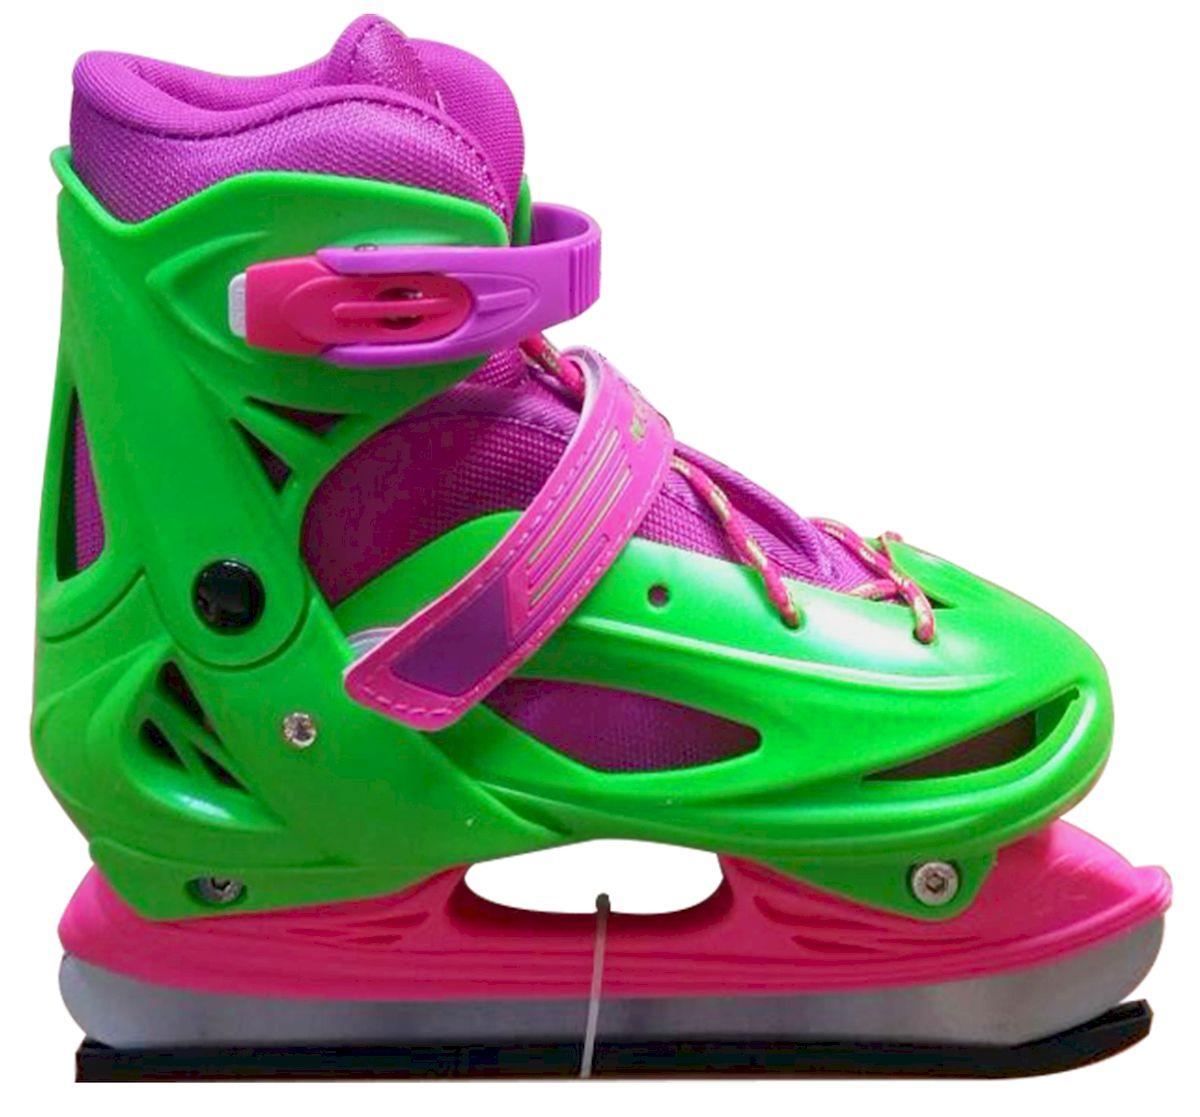 Коньки ледовые Ice Blade Sophie, раздвижные, цвет: розовый, зеленый. УТ-00009126. Размер S (30/33)УТ-00009127Коньки раздвижные Sophie - это классические раздвижные коньки от известного бренда Ice Blade, которые предназначены для детей и подростков, а также для тех, кто делает первые шаги в катании на льду.Ботинок изготовлен из морозоустойчивого пластика. Внутренняя поверхность из мягкого и теплого текстиля обеспечивает комфорт во время движения. Лезвие выполнено из высокоуглеродистой стали с покрытием из никеля. Пластиковая клипса с фиксатором, хлястик на липучке и шнуровка надежно фиксируют голеностоп. Конструкция коньков позволяет быстро и точно изменять их размер. Яркий молодежный дизайн, теплый внутренний сапожок, удобная трехуровневая система фиксации ноги, легкая смена размера, надежная защита пятки и носка - все это бесспорные преимущества модели. Коньки поставляются с заводской заточкой лезвия, что позволяет сразу приступить к катанию и не тратить денег на заточку. Предназначены для использования на открытом и закрытом льду.